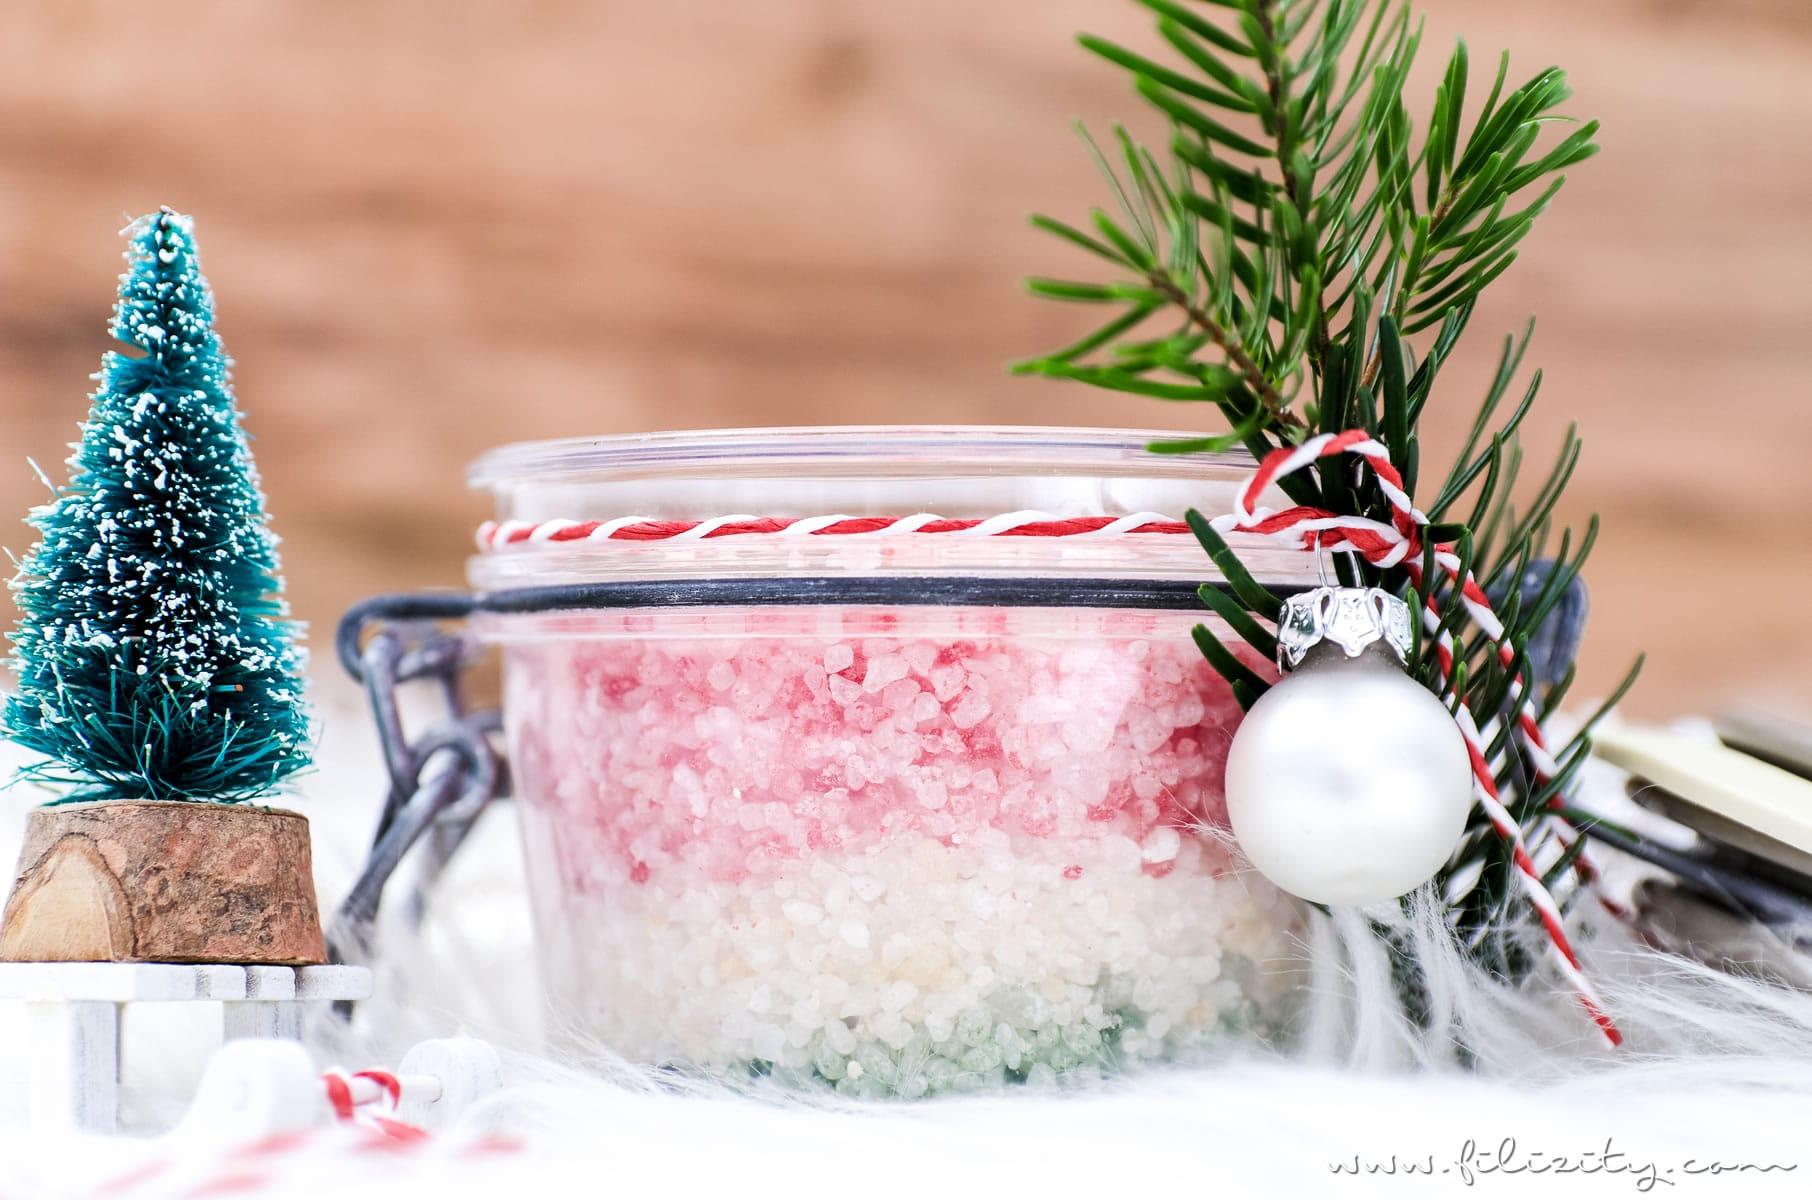 tolle geschenkidee zu weihnachten selbstgemachtes badesalz in weihnachtlichen farben und mit. Black Bedroom Furniture Sets. Home Design Ideas